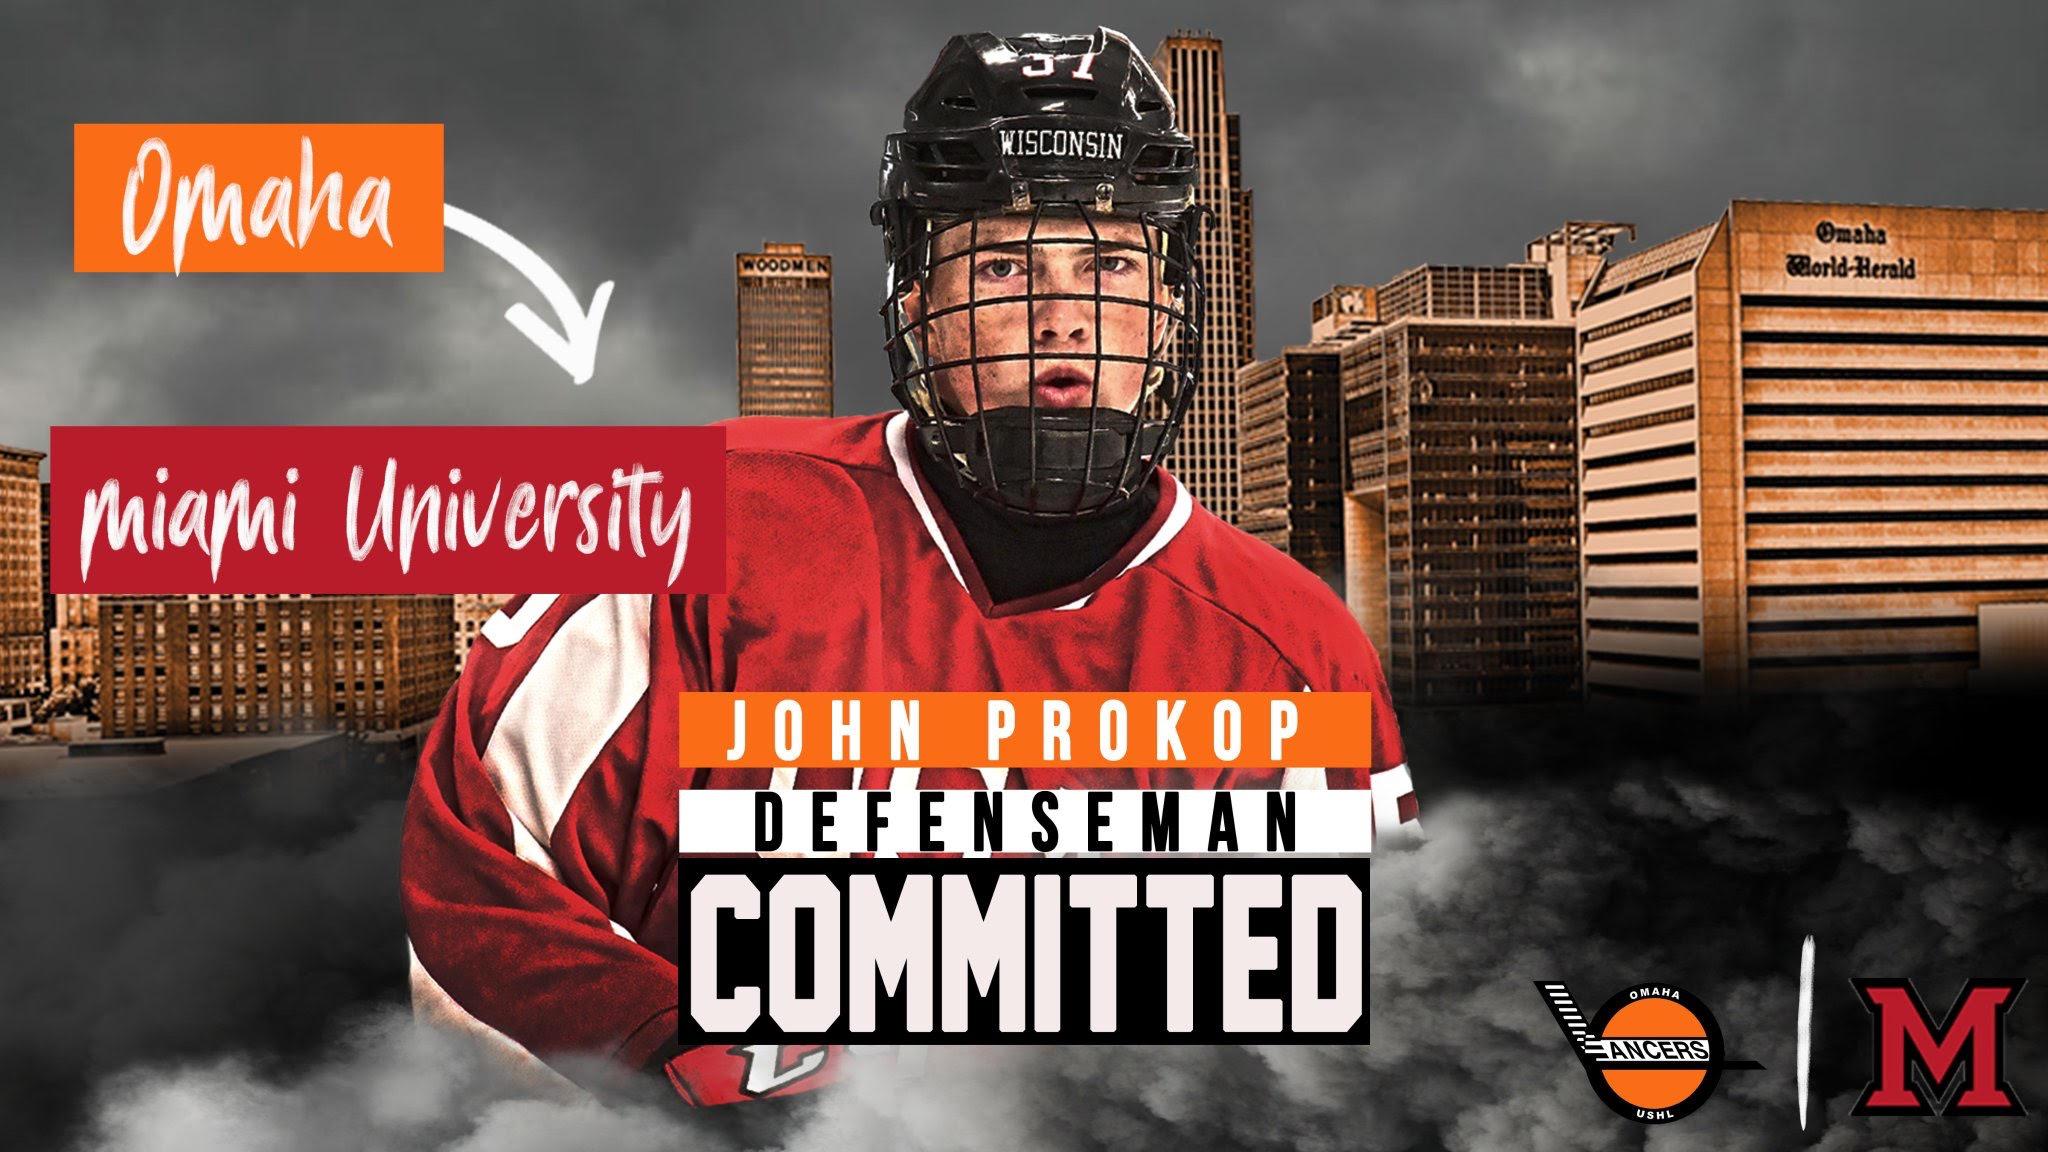 JOHN PROKOP